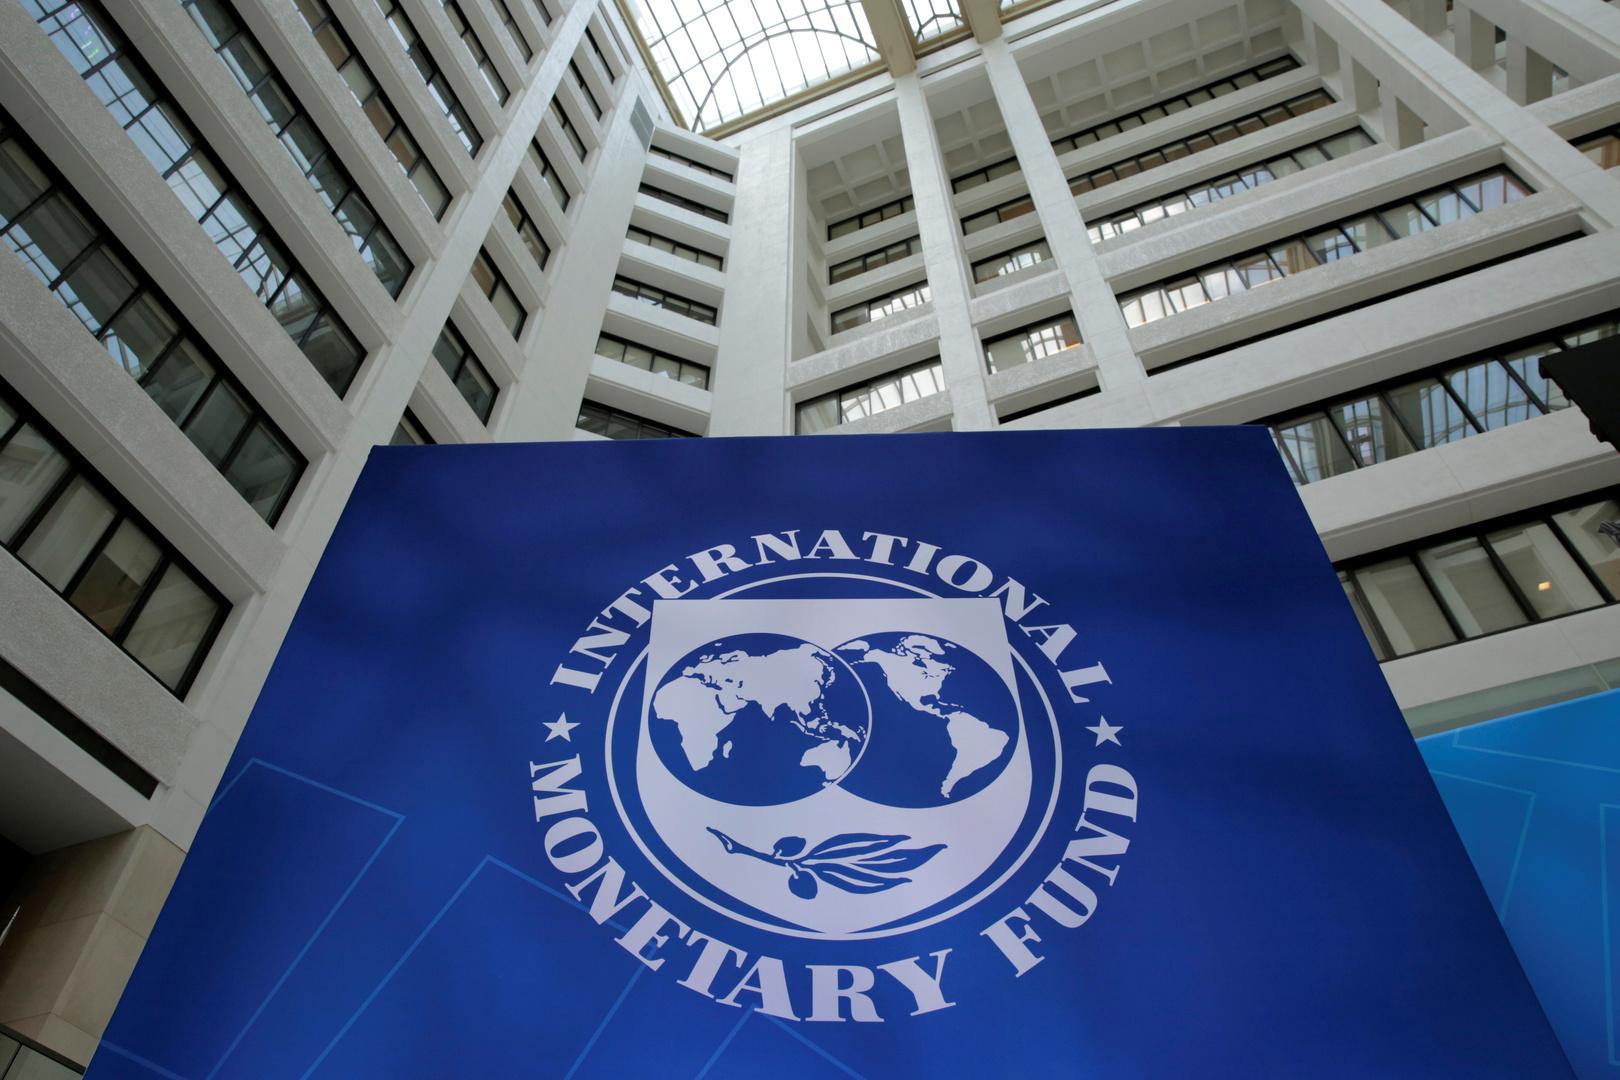 صندوق النقد الدولي: هناك حاجة إلى مزيد من الإجراءات المنسقة للتصدي لأزمة كوفيد -19